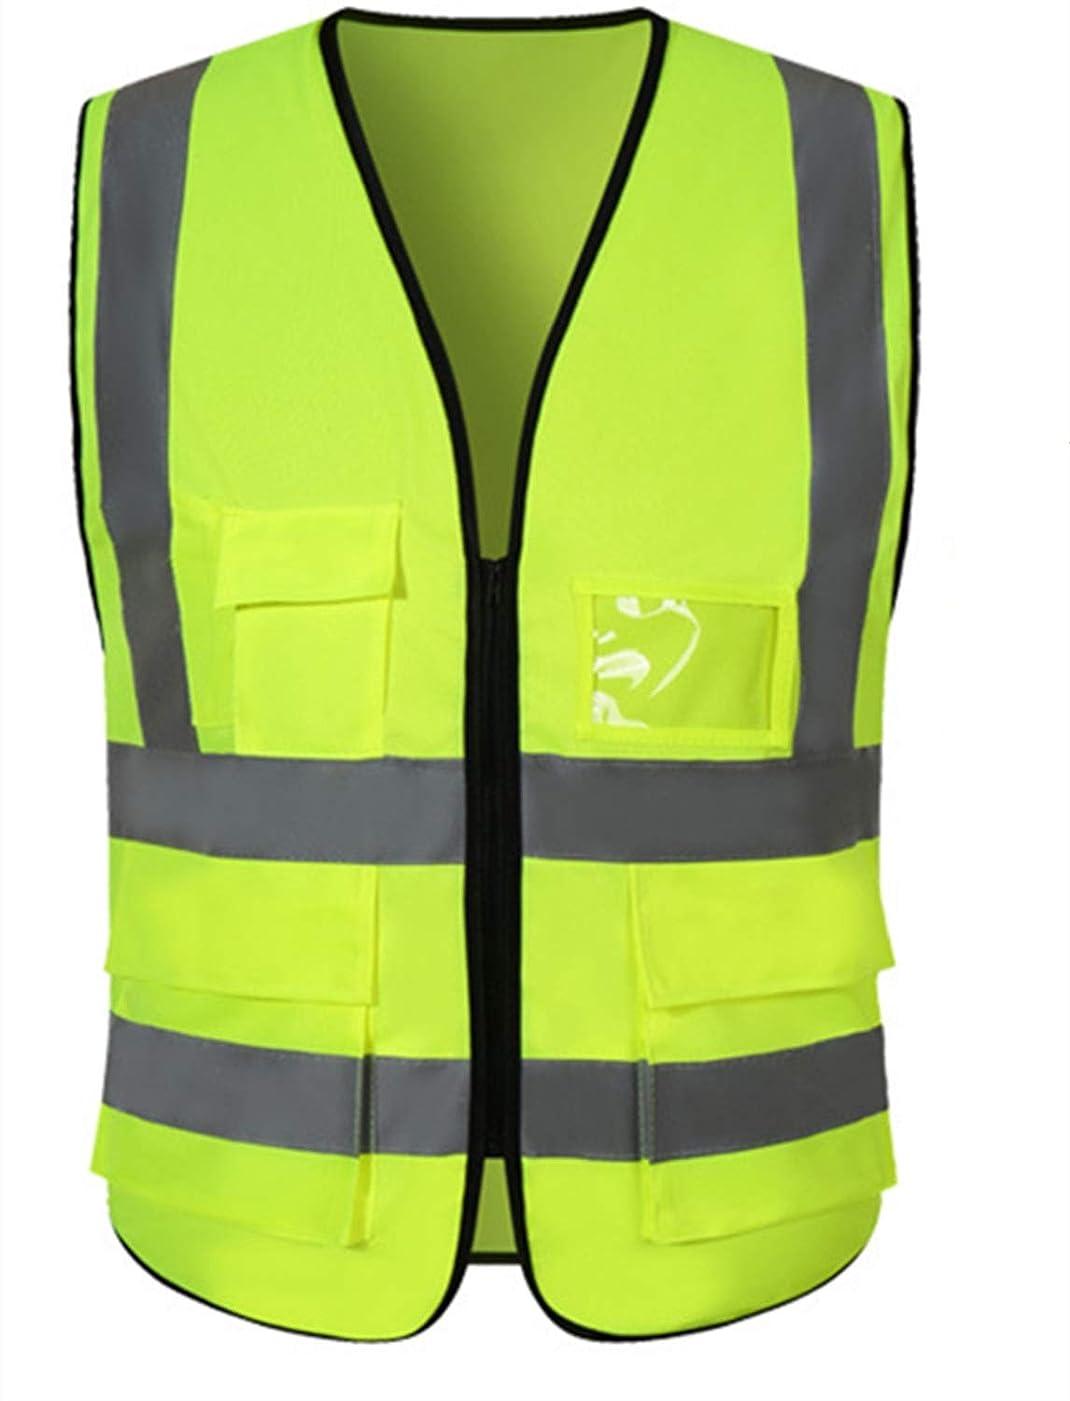 開業医悲しいことに幻想的DILLIS 高視認性安全ベスト、反射ベスト建設作業員、交通安全作業服カスタマイズ可能なロゴ (Color : Green, Size : XL)